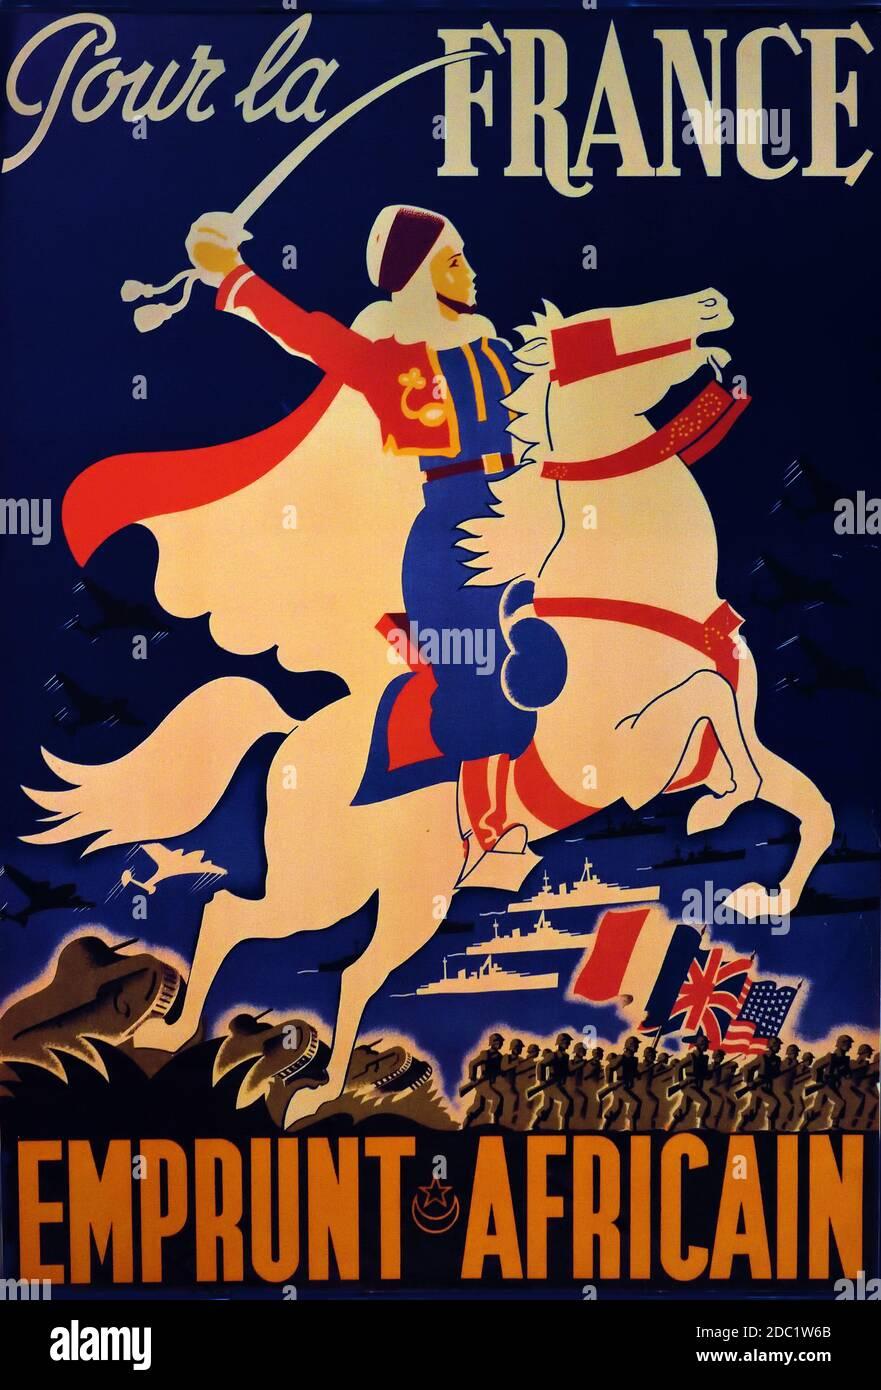 Pour la France emprunt African- for France, préstamos africanos 1943 ( Campaña Francesa en el Norte de África, Francia, soldado francés, del Norte de África en un tradicional garbo a caballo blanco, espada en arboladura, con aviones de combate, buques de guerra, tanques y soldados en el fondo llevando las banderas de Francia) Foto de stock